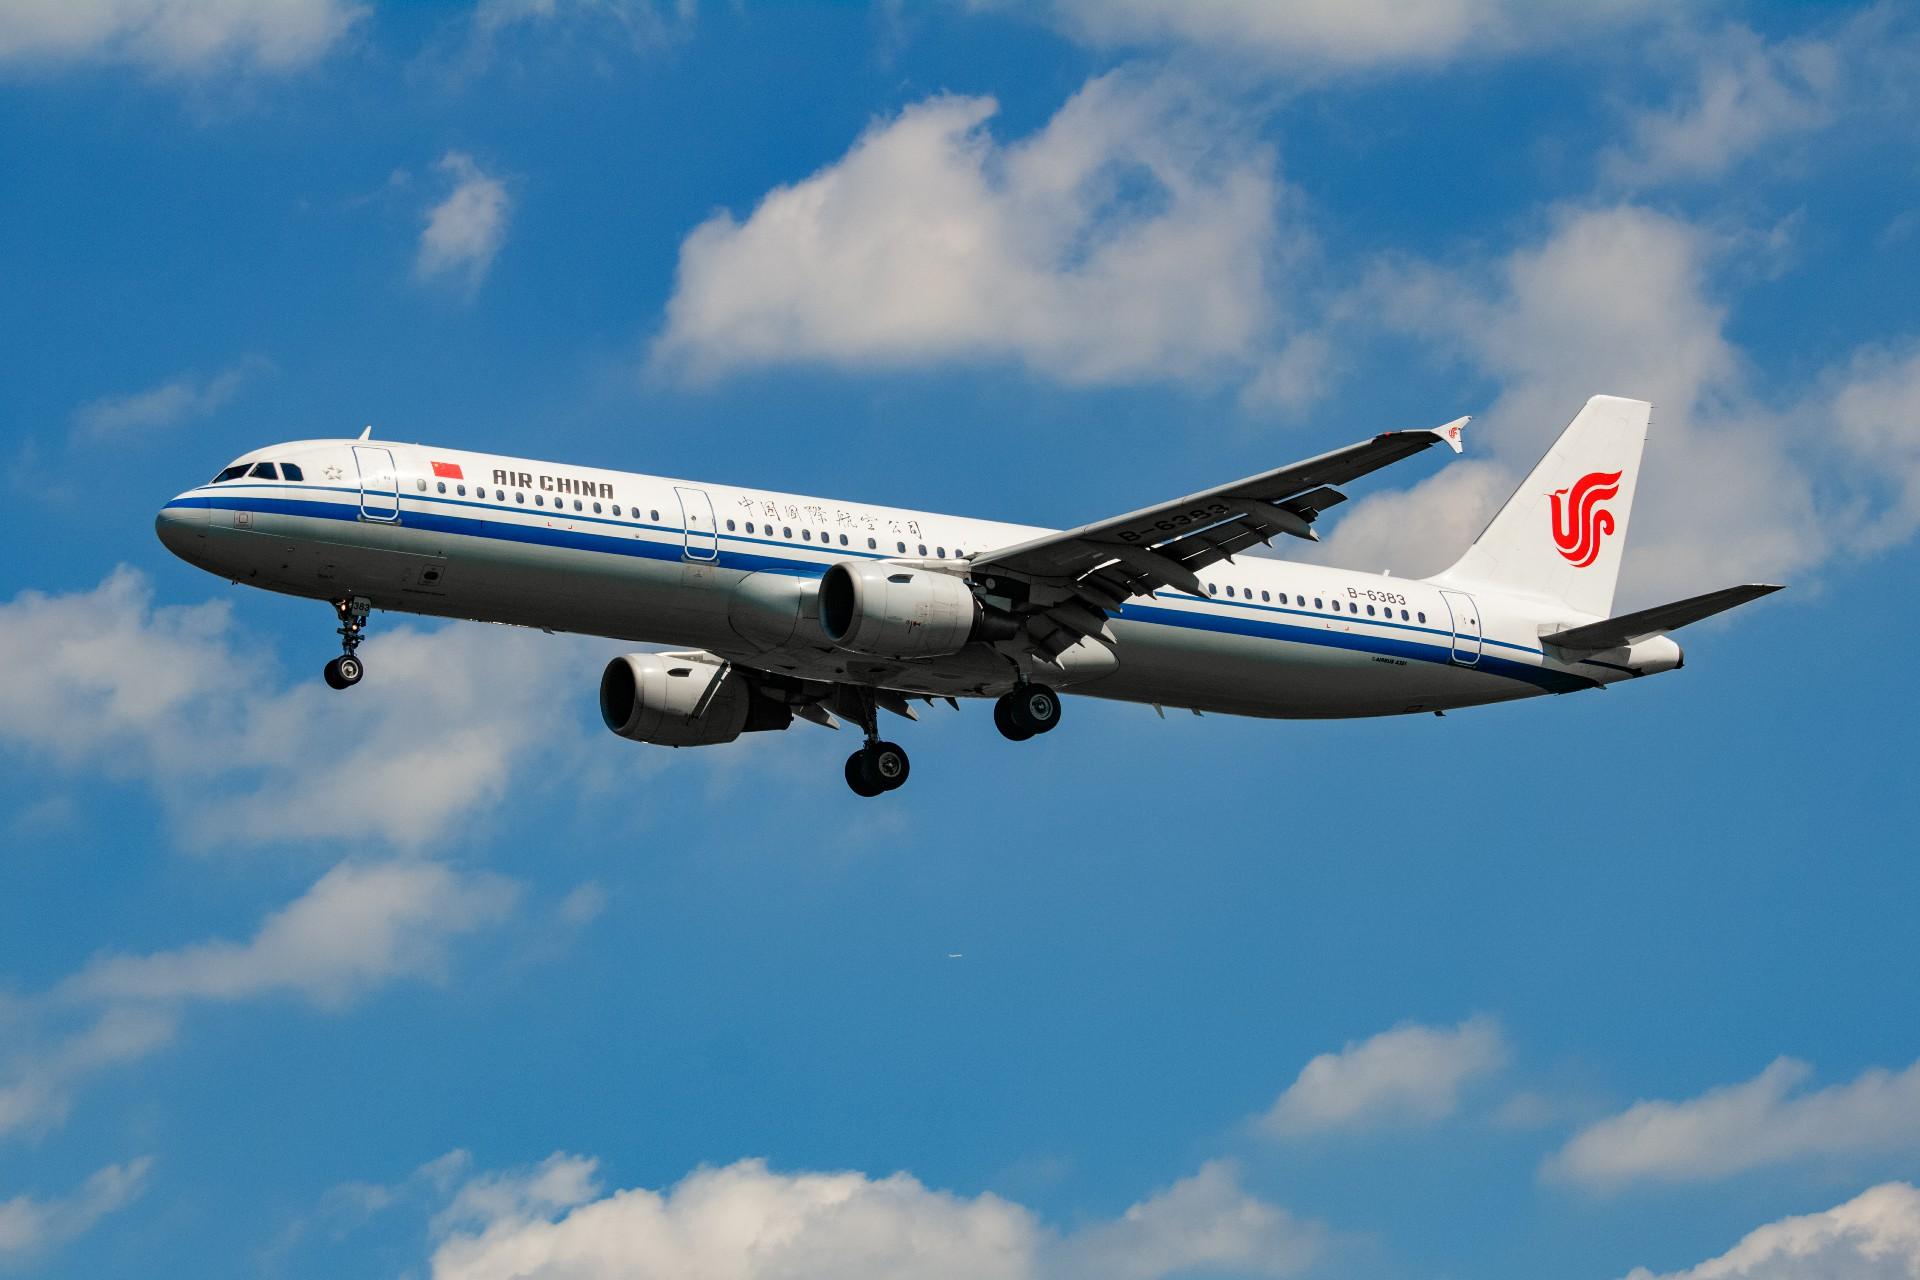 Re:[原创]【Rocketman】8.23 PEK拍机纪行 AIRBUS A321-200 B-6383 中国北京首都国际机场